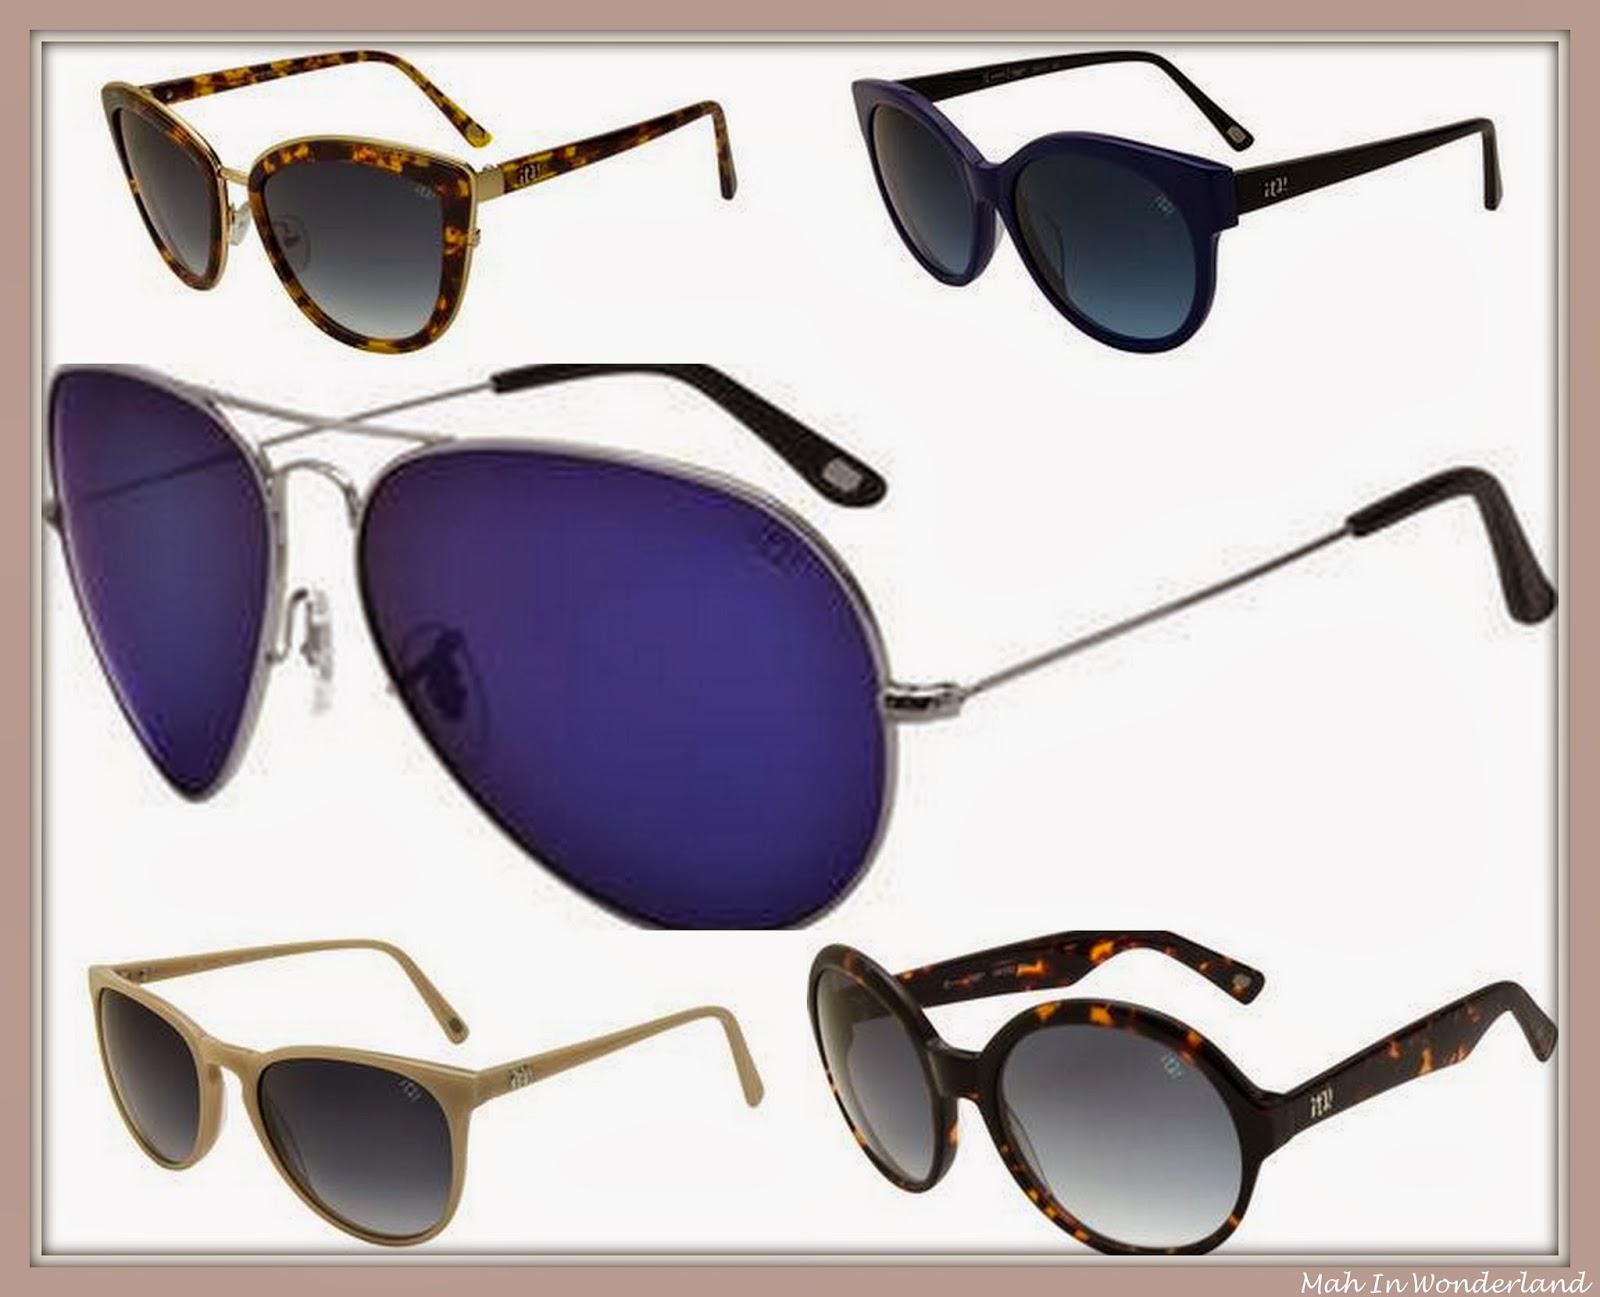 Os modelos da coleção it!eyewear Sabrina Sato são feitos são feitos em  acetato e metal, e têm formatos exclusivos, estampas e cores, inspirados no  estilo da ... cb85f6ebe4